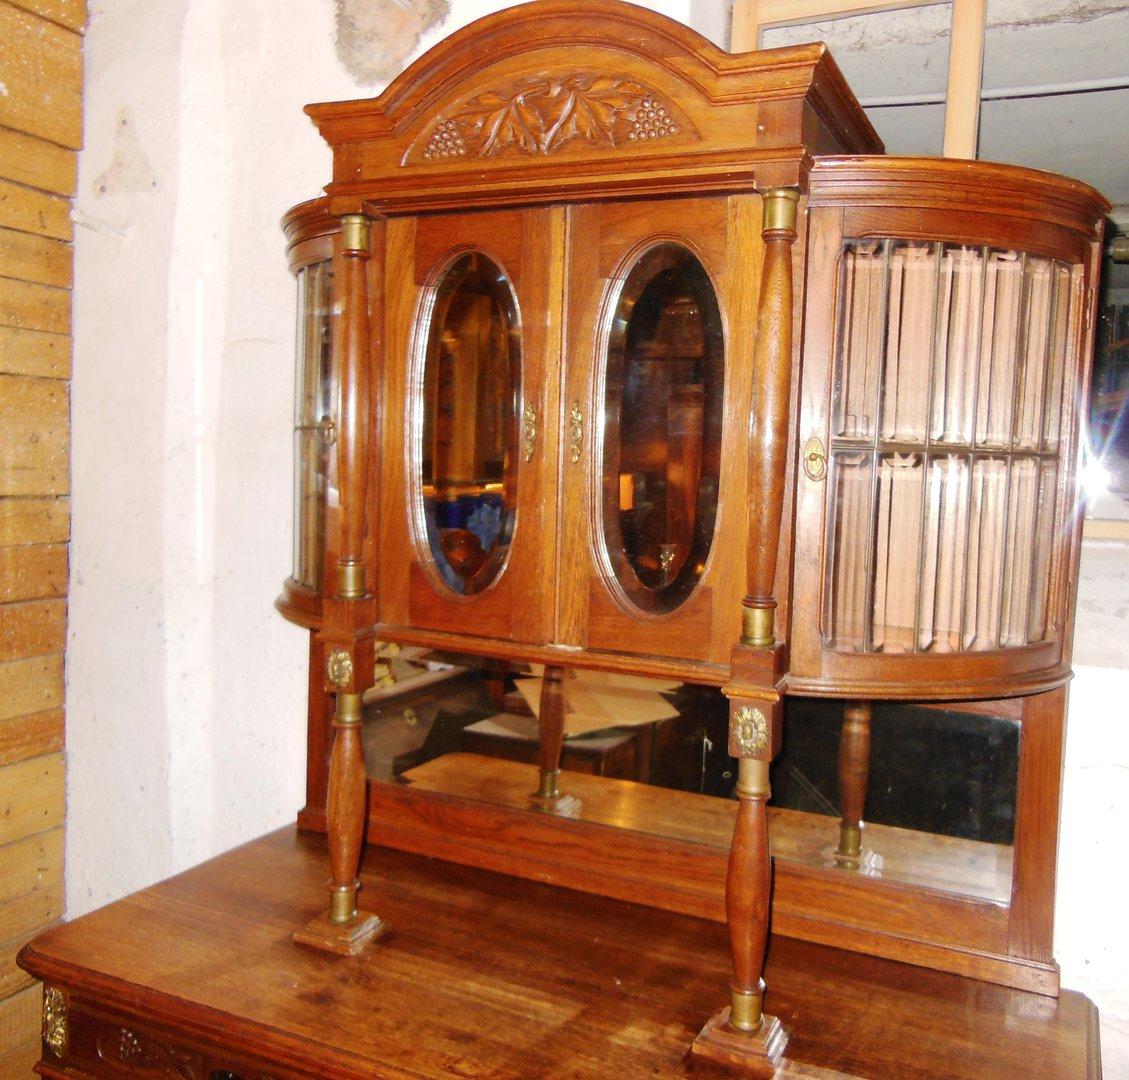 eichenb ffett massiv eiche gr nderzeit jugendstil um 1900 antik m bel antiquit ten alling bei. Black Bedroom Furniture Sets. Home Design Ideas